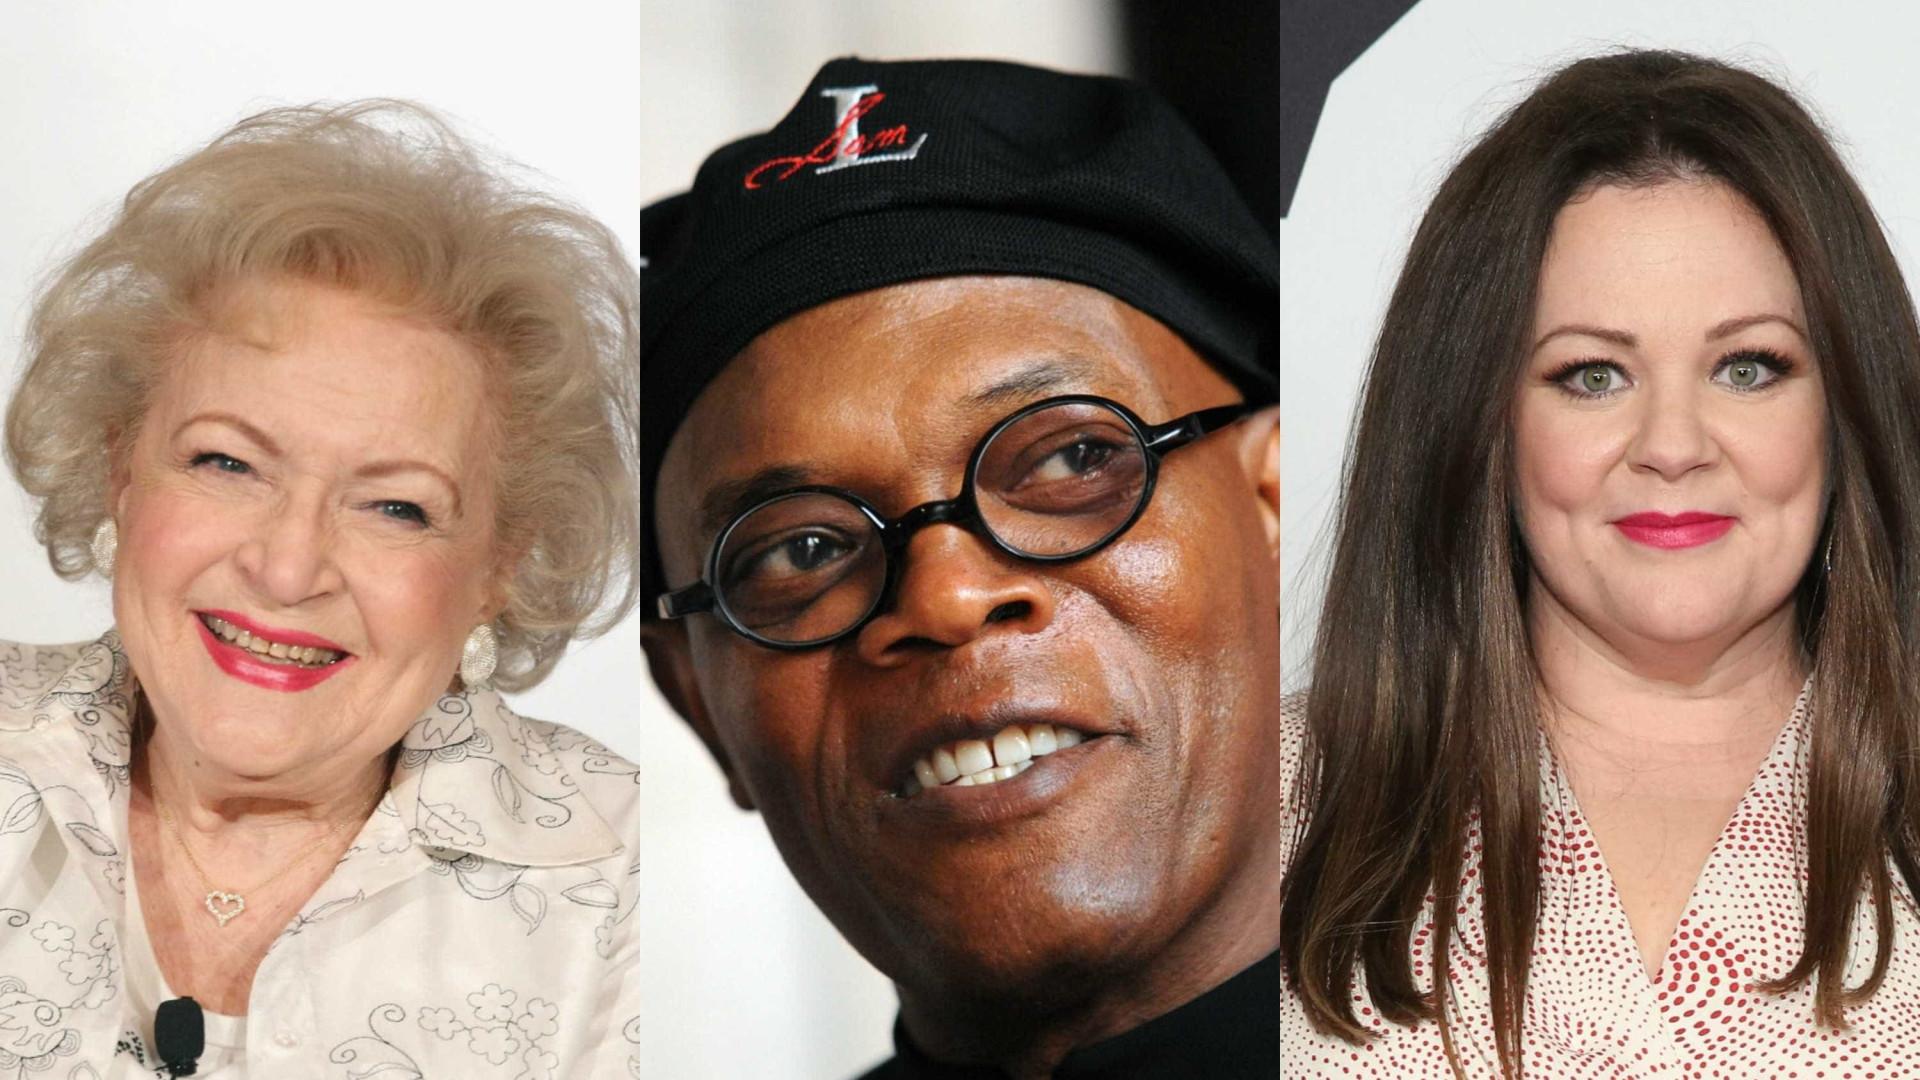 Estas pessoas só atingiram a fama depois dos 40 anos!